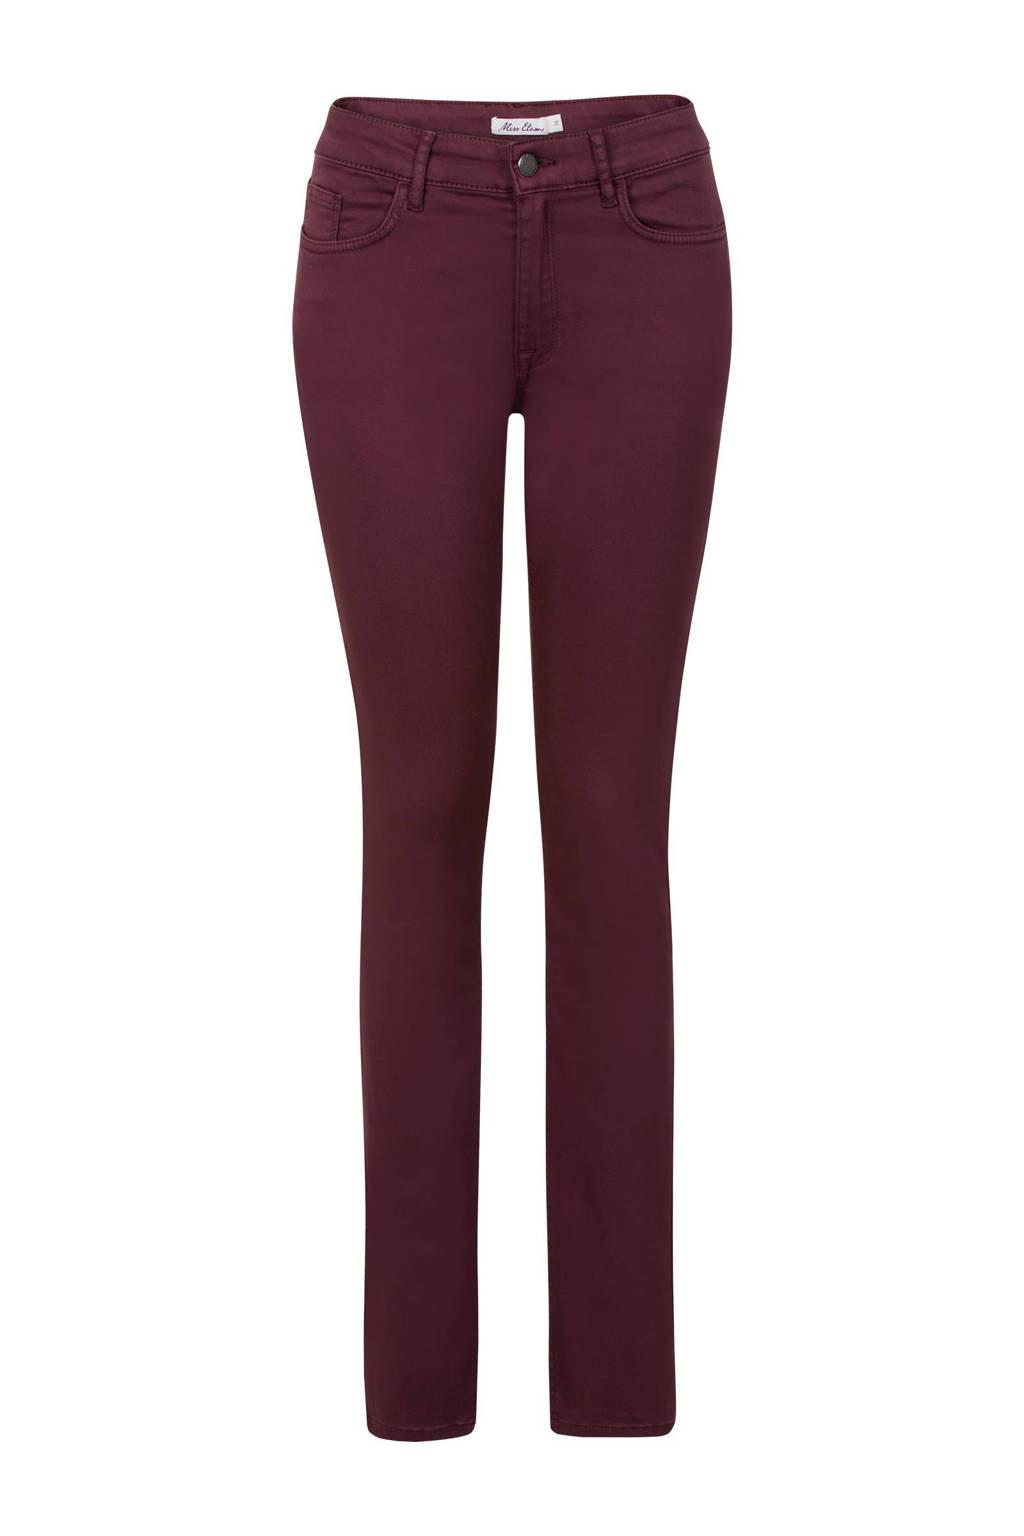 Miss Etam Regulier slim fit broek 32 inch, Donkerrood